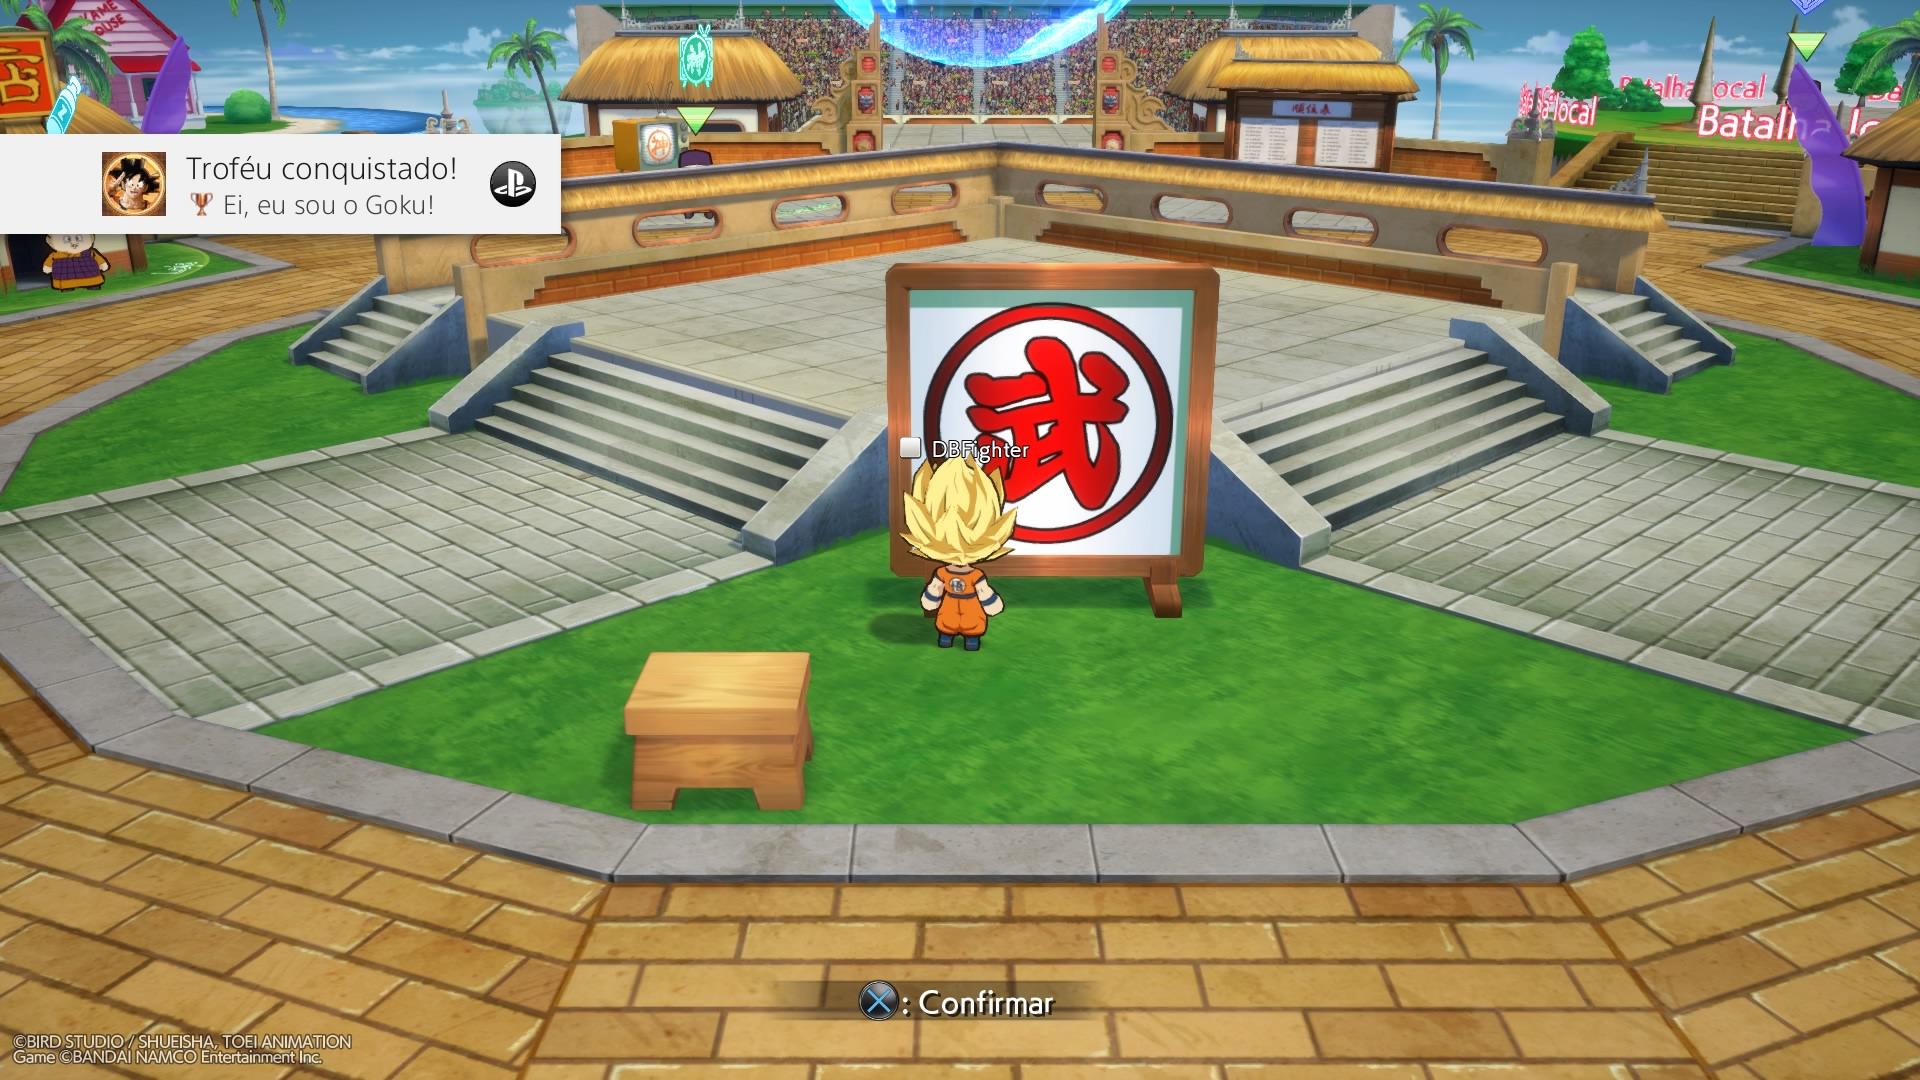 Dragon Ball FighterZ - Vilarejo